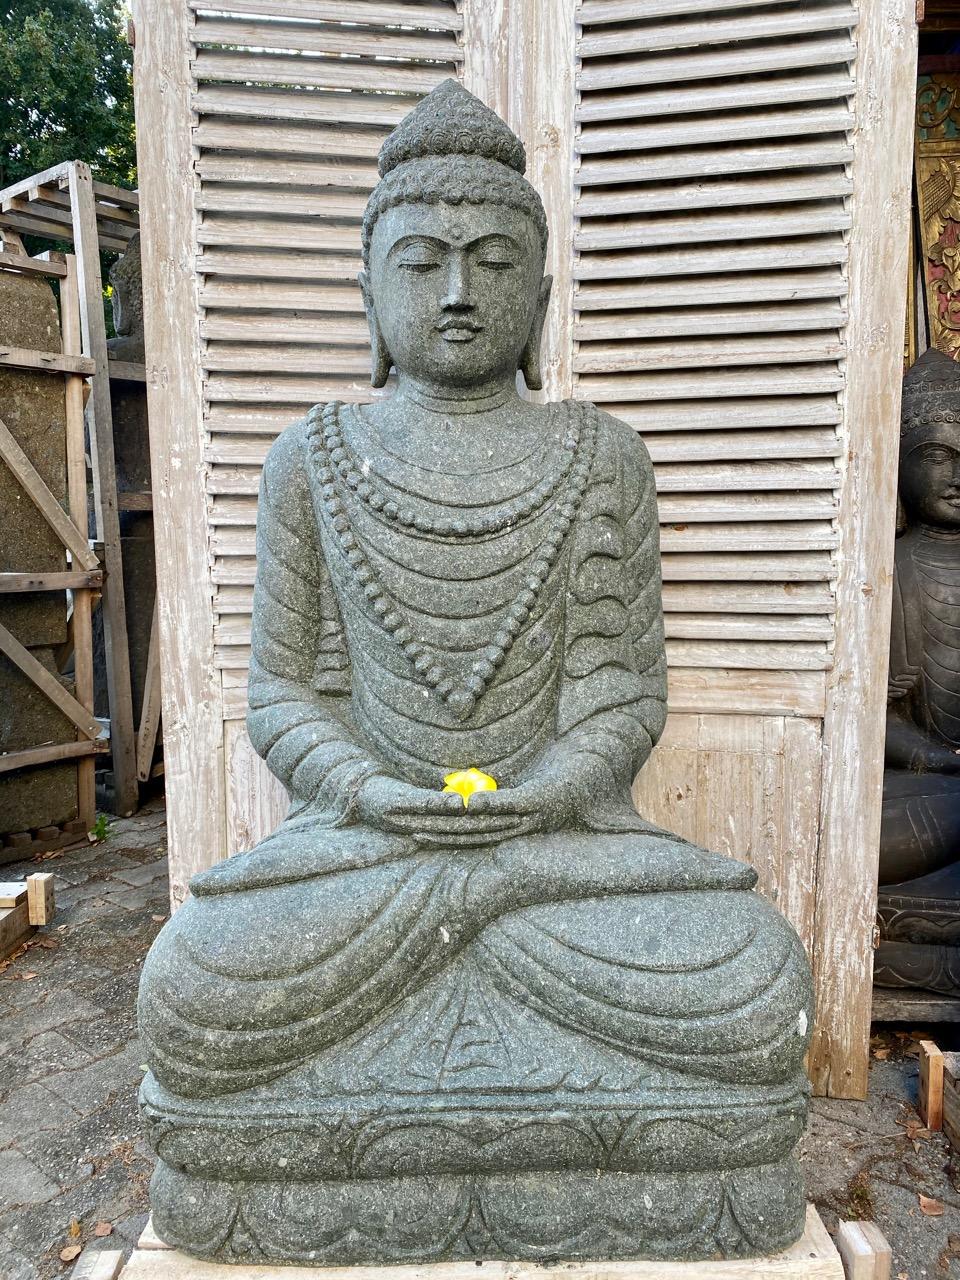 Buddhastatue aus Stein